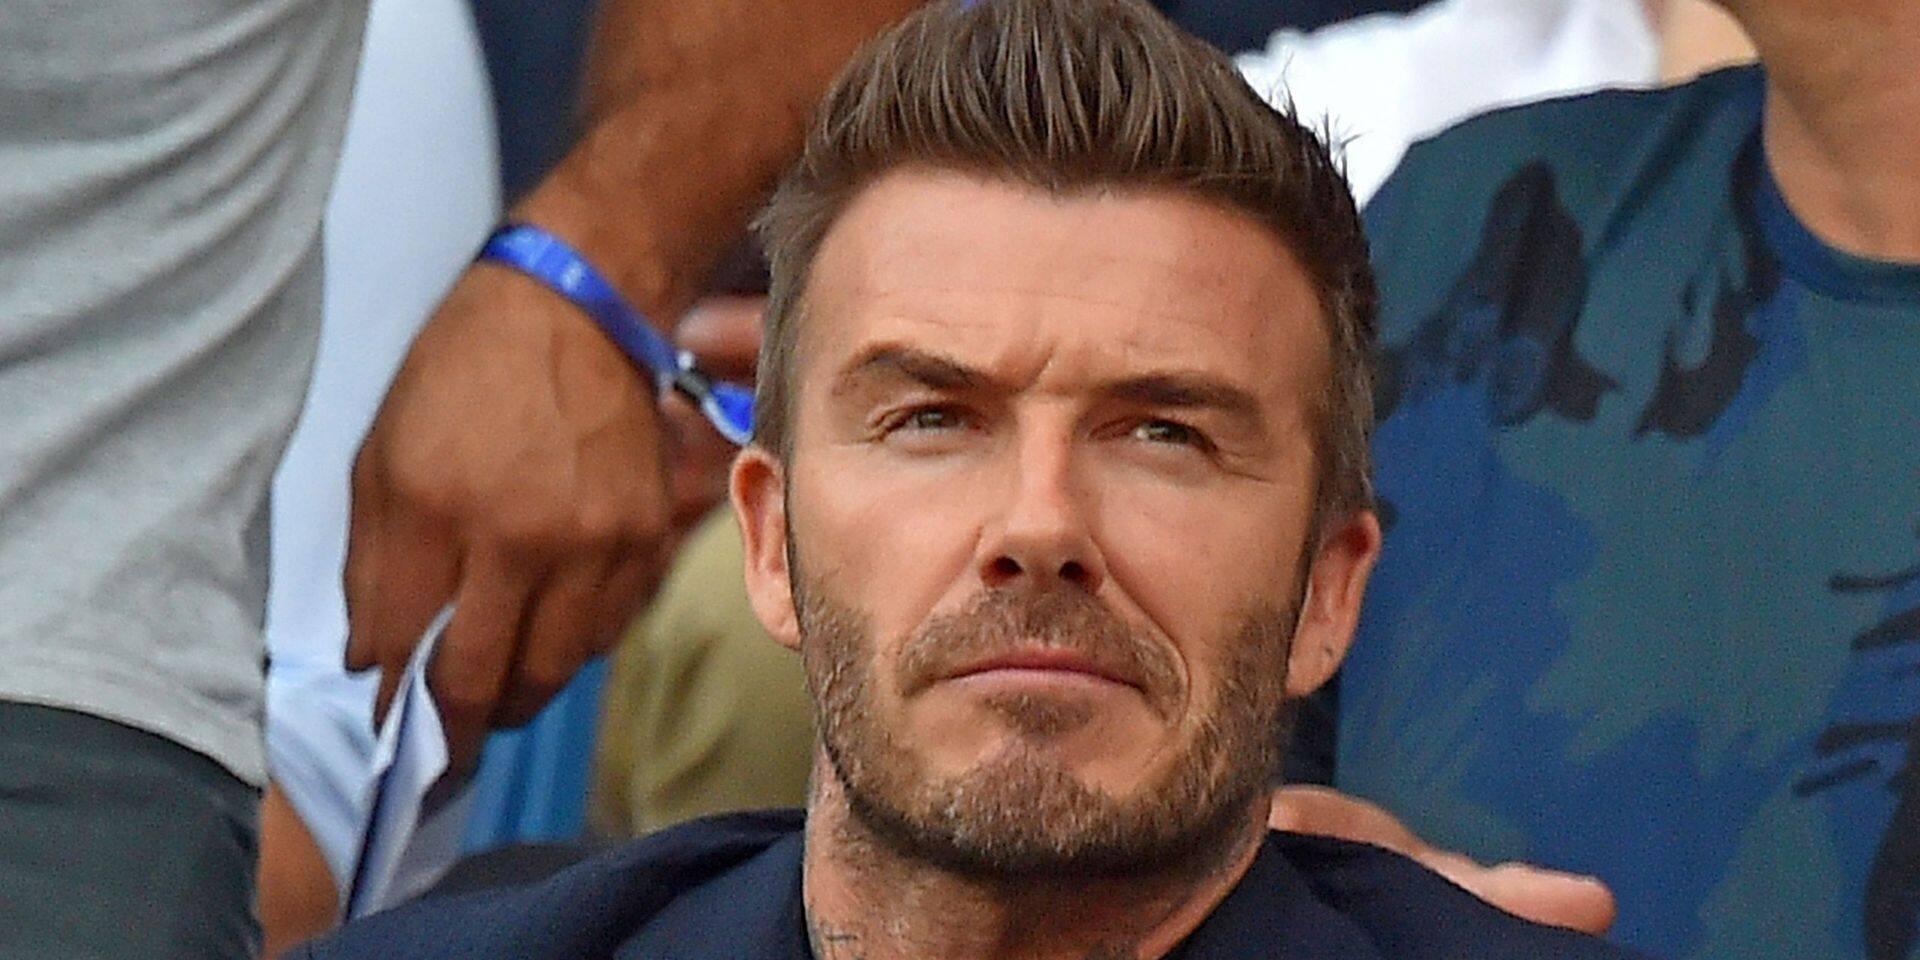 Jeux vidéo: l'équipe d'esport de David Beckham fait ses premiers pas en Bourse